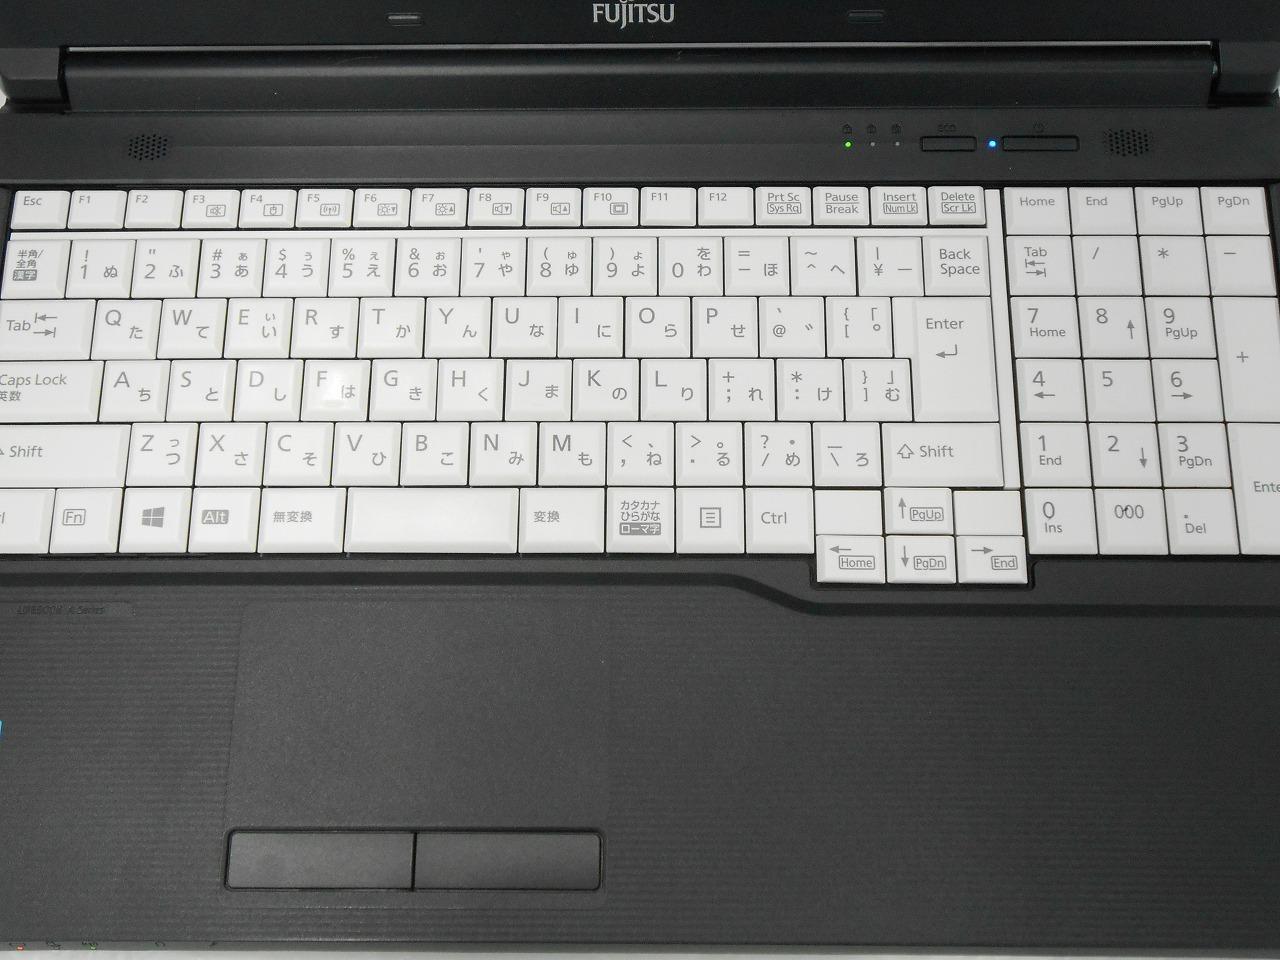 【ASCII掲載品】【中古】 富士通 FUJITSU LIFEBOOK A576/N /2016年モデル/Corei5 6300U 2.4GHz/メモリ8GB/SSD128GB/15インチ/Windows10Home【3ヶ月保証】【足立店発送】